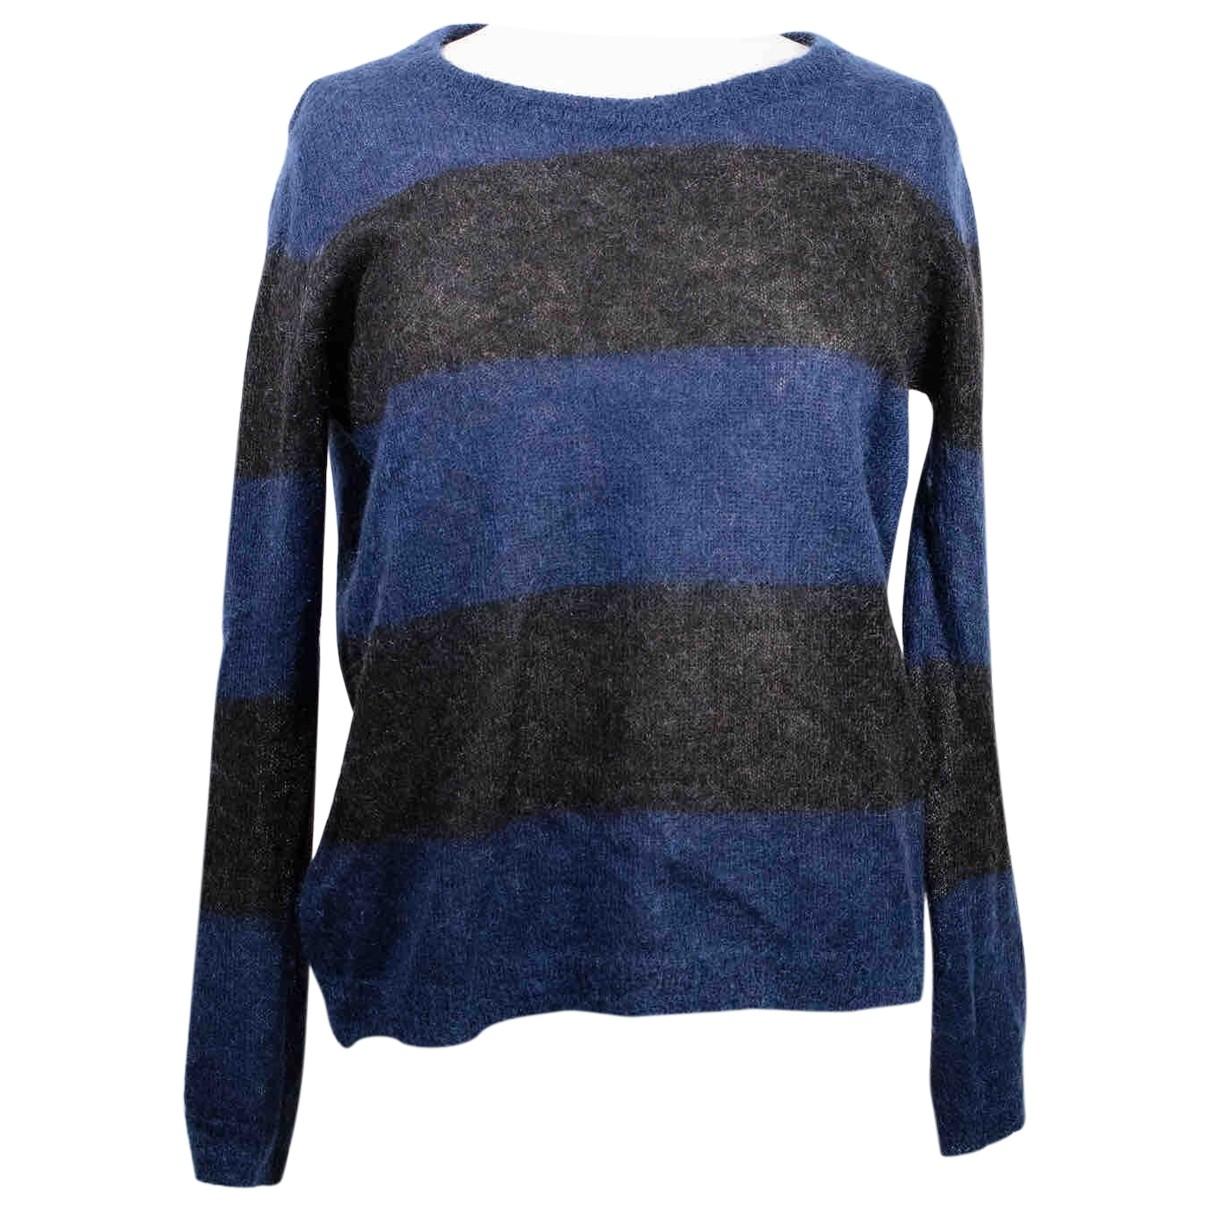 American Vintage - Pull   pour femme en laine - marine